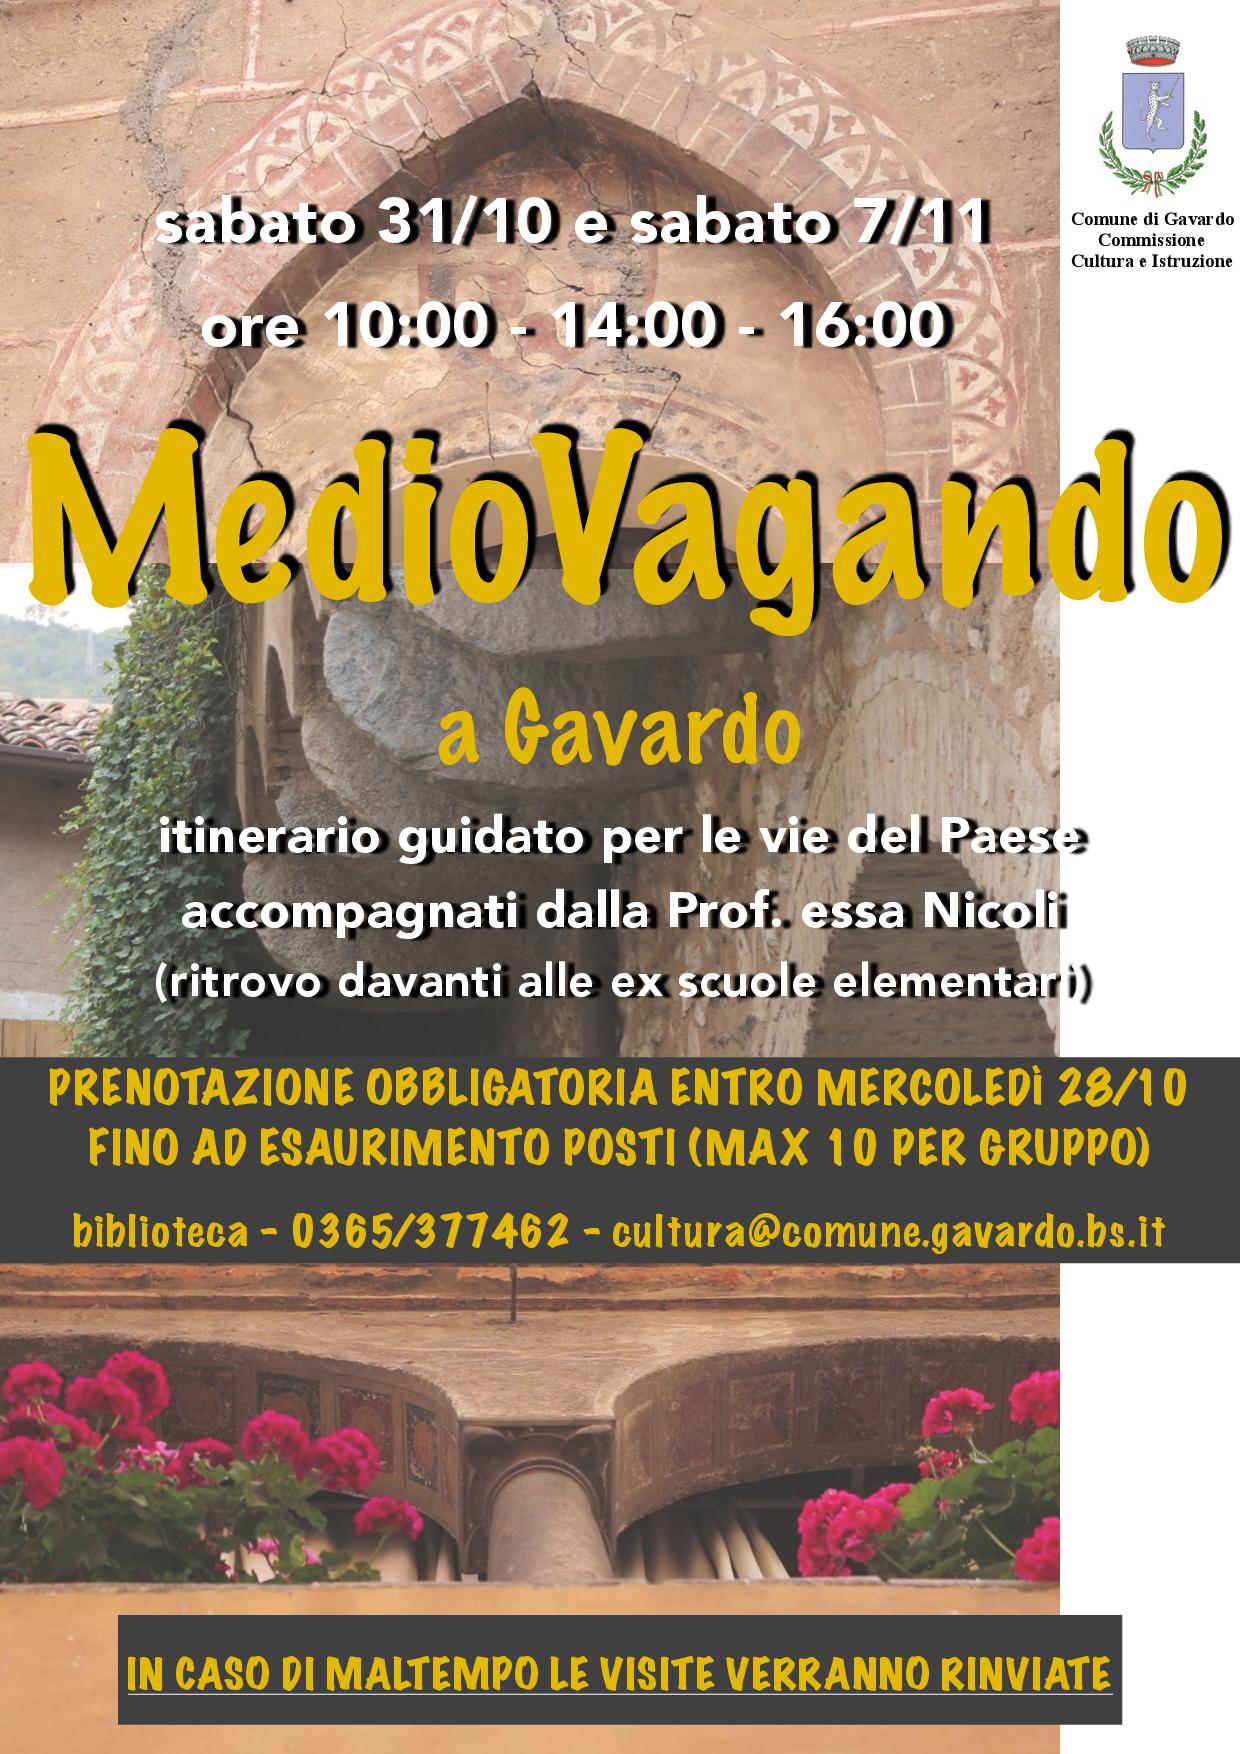 MEDIOVAGANDO. Storia, anedotti, curiosità della Gavardo Medievale